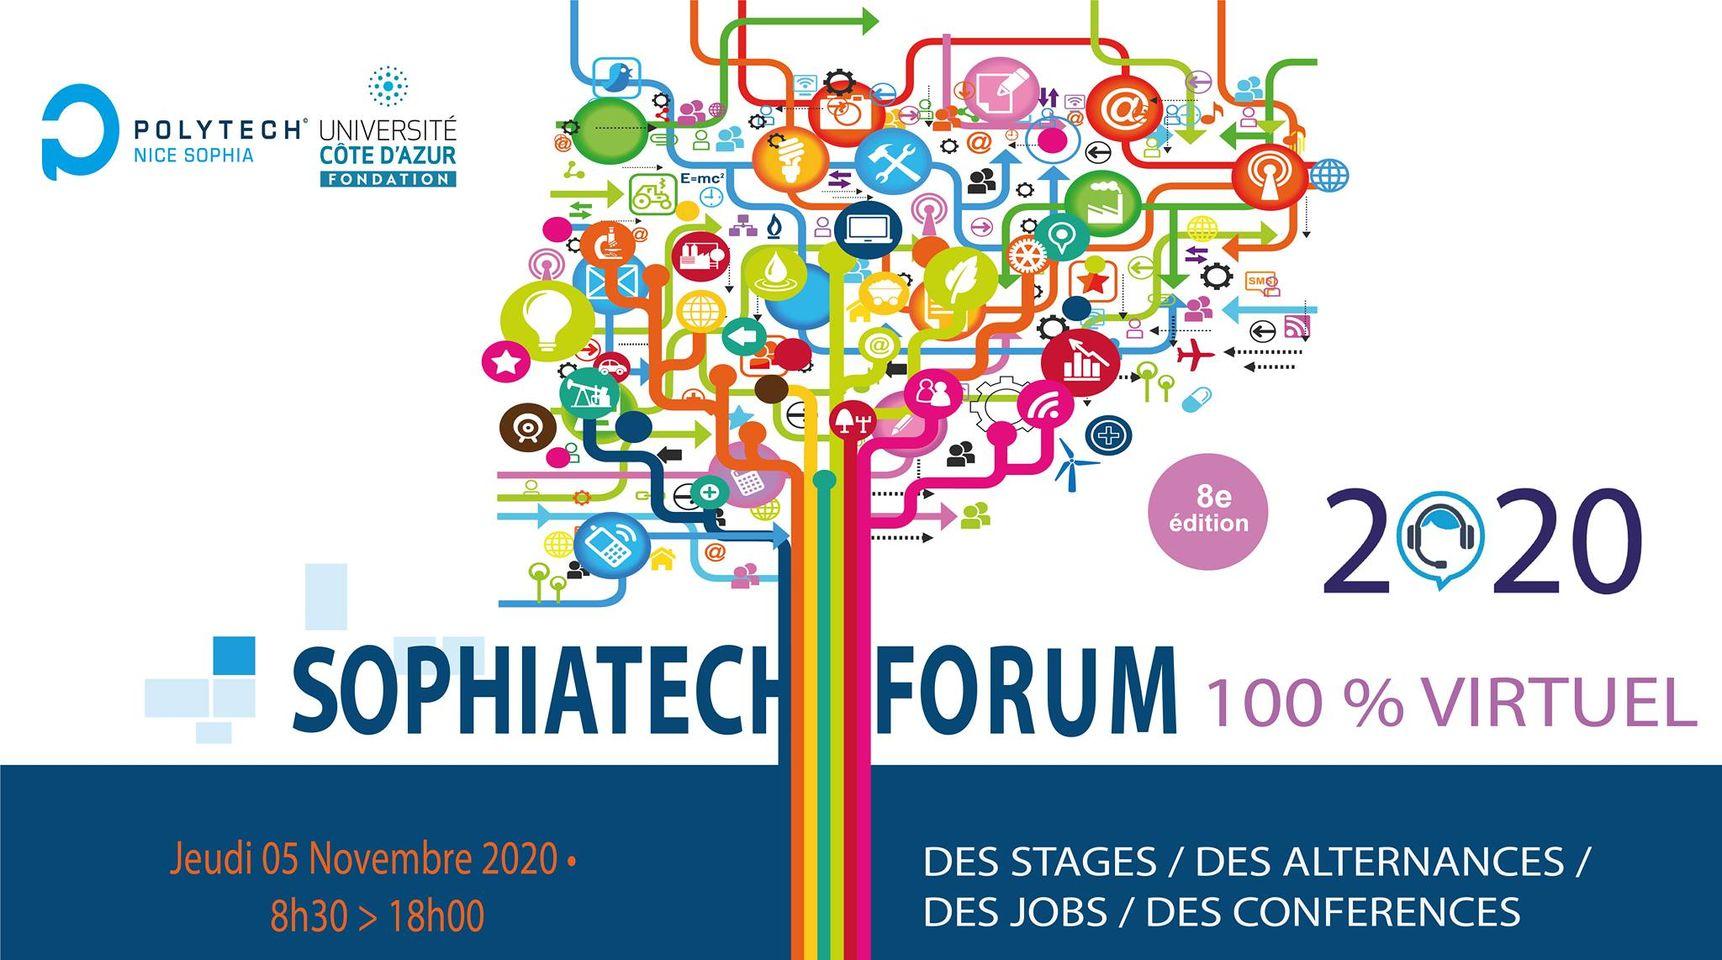 Sophia tech Forum